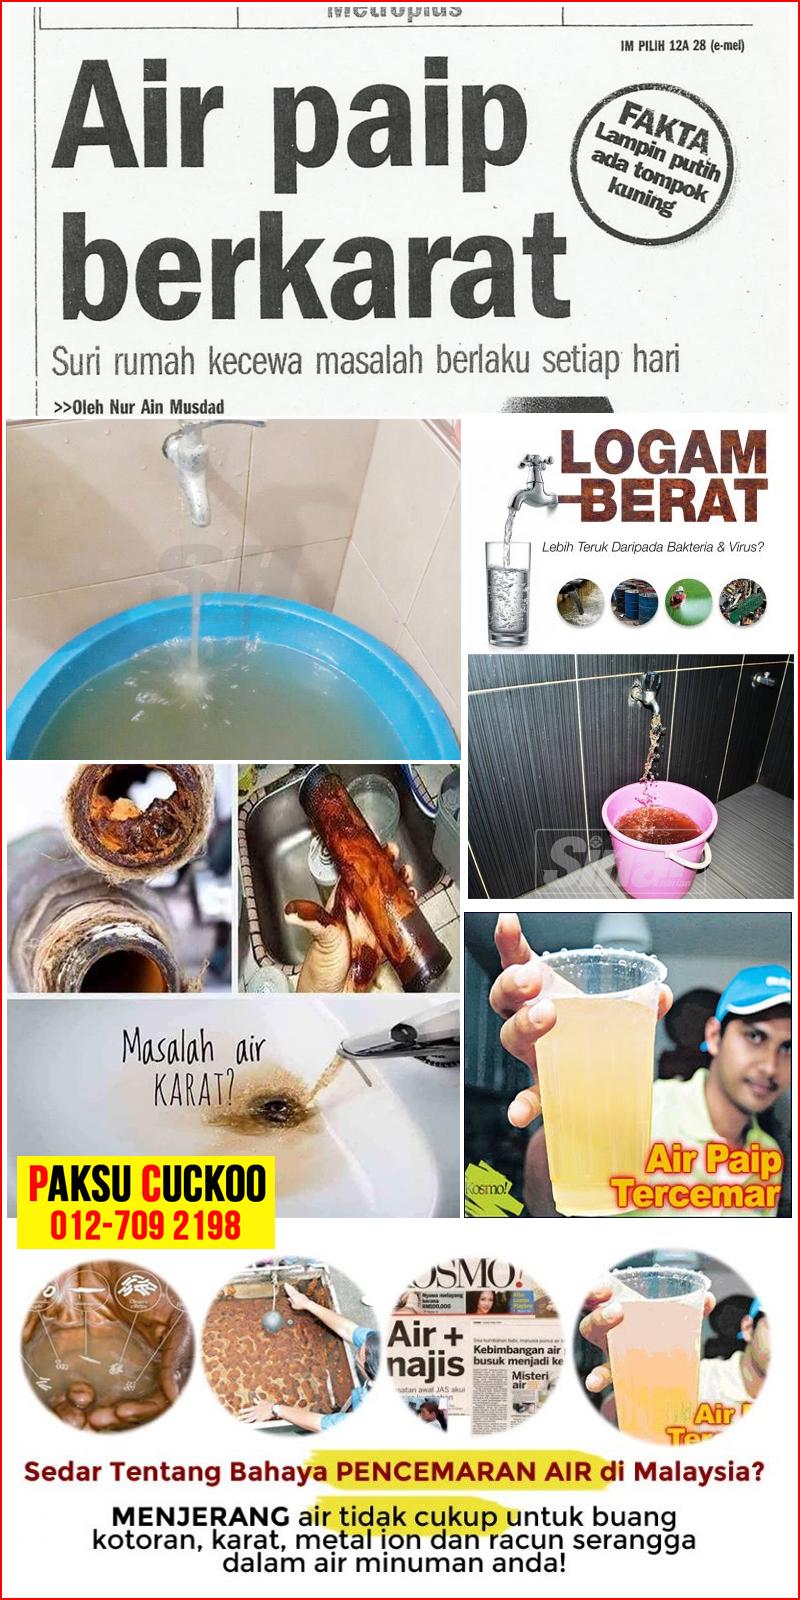 semua rumah di malaysia memerlukan cuckoo outdoor water purifier mesin penulen air luar rumah untuk membersihkan air yang masuk ke dalam rumah bersih